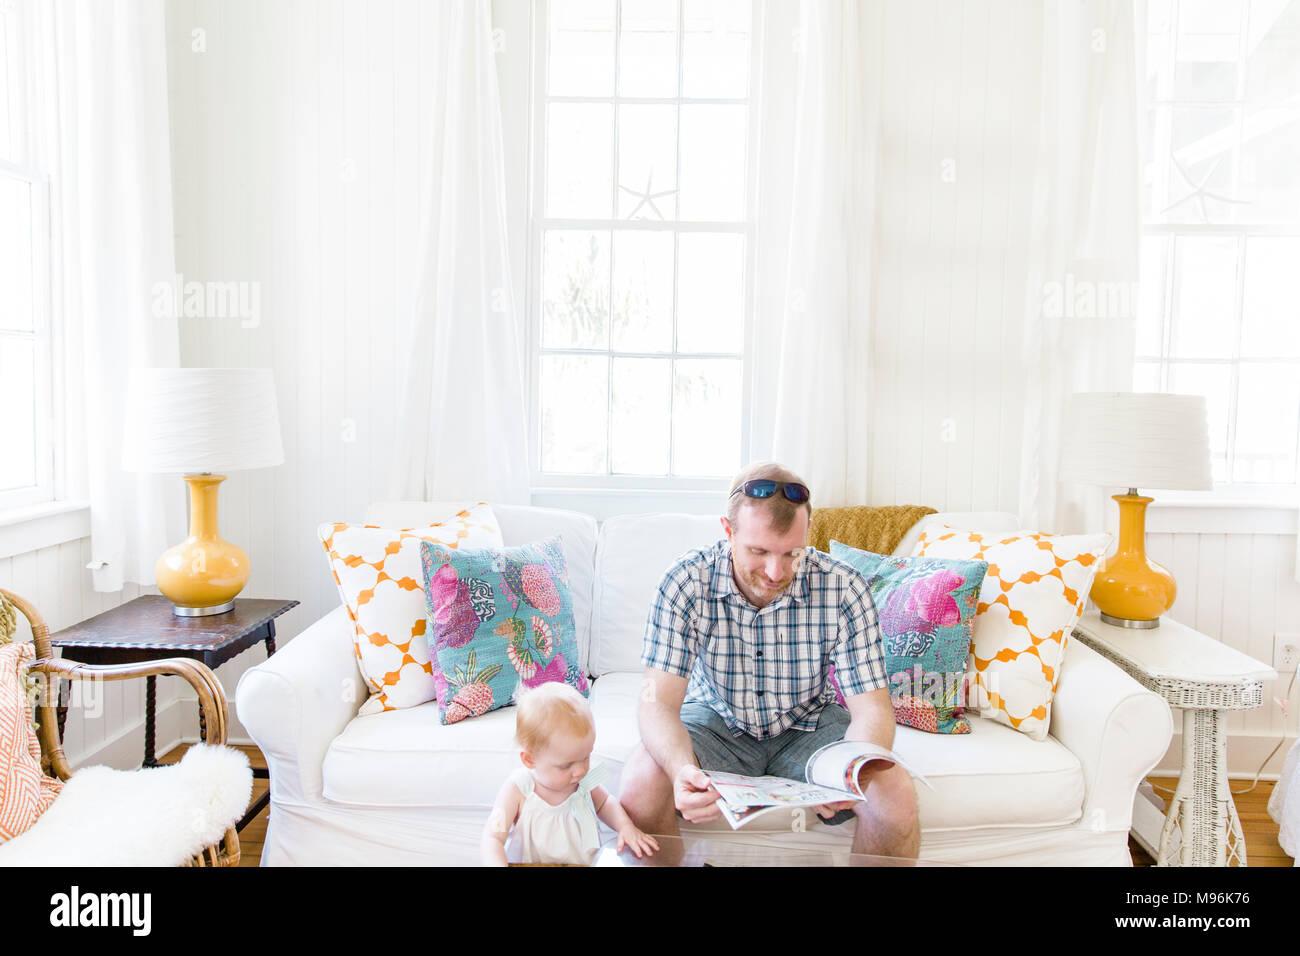 Uomo con occhiali da sole la lettura accanto al bambino Immagini Stock